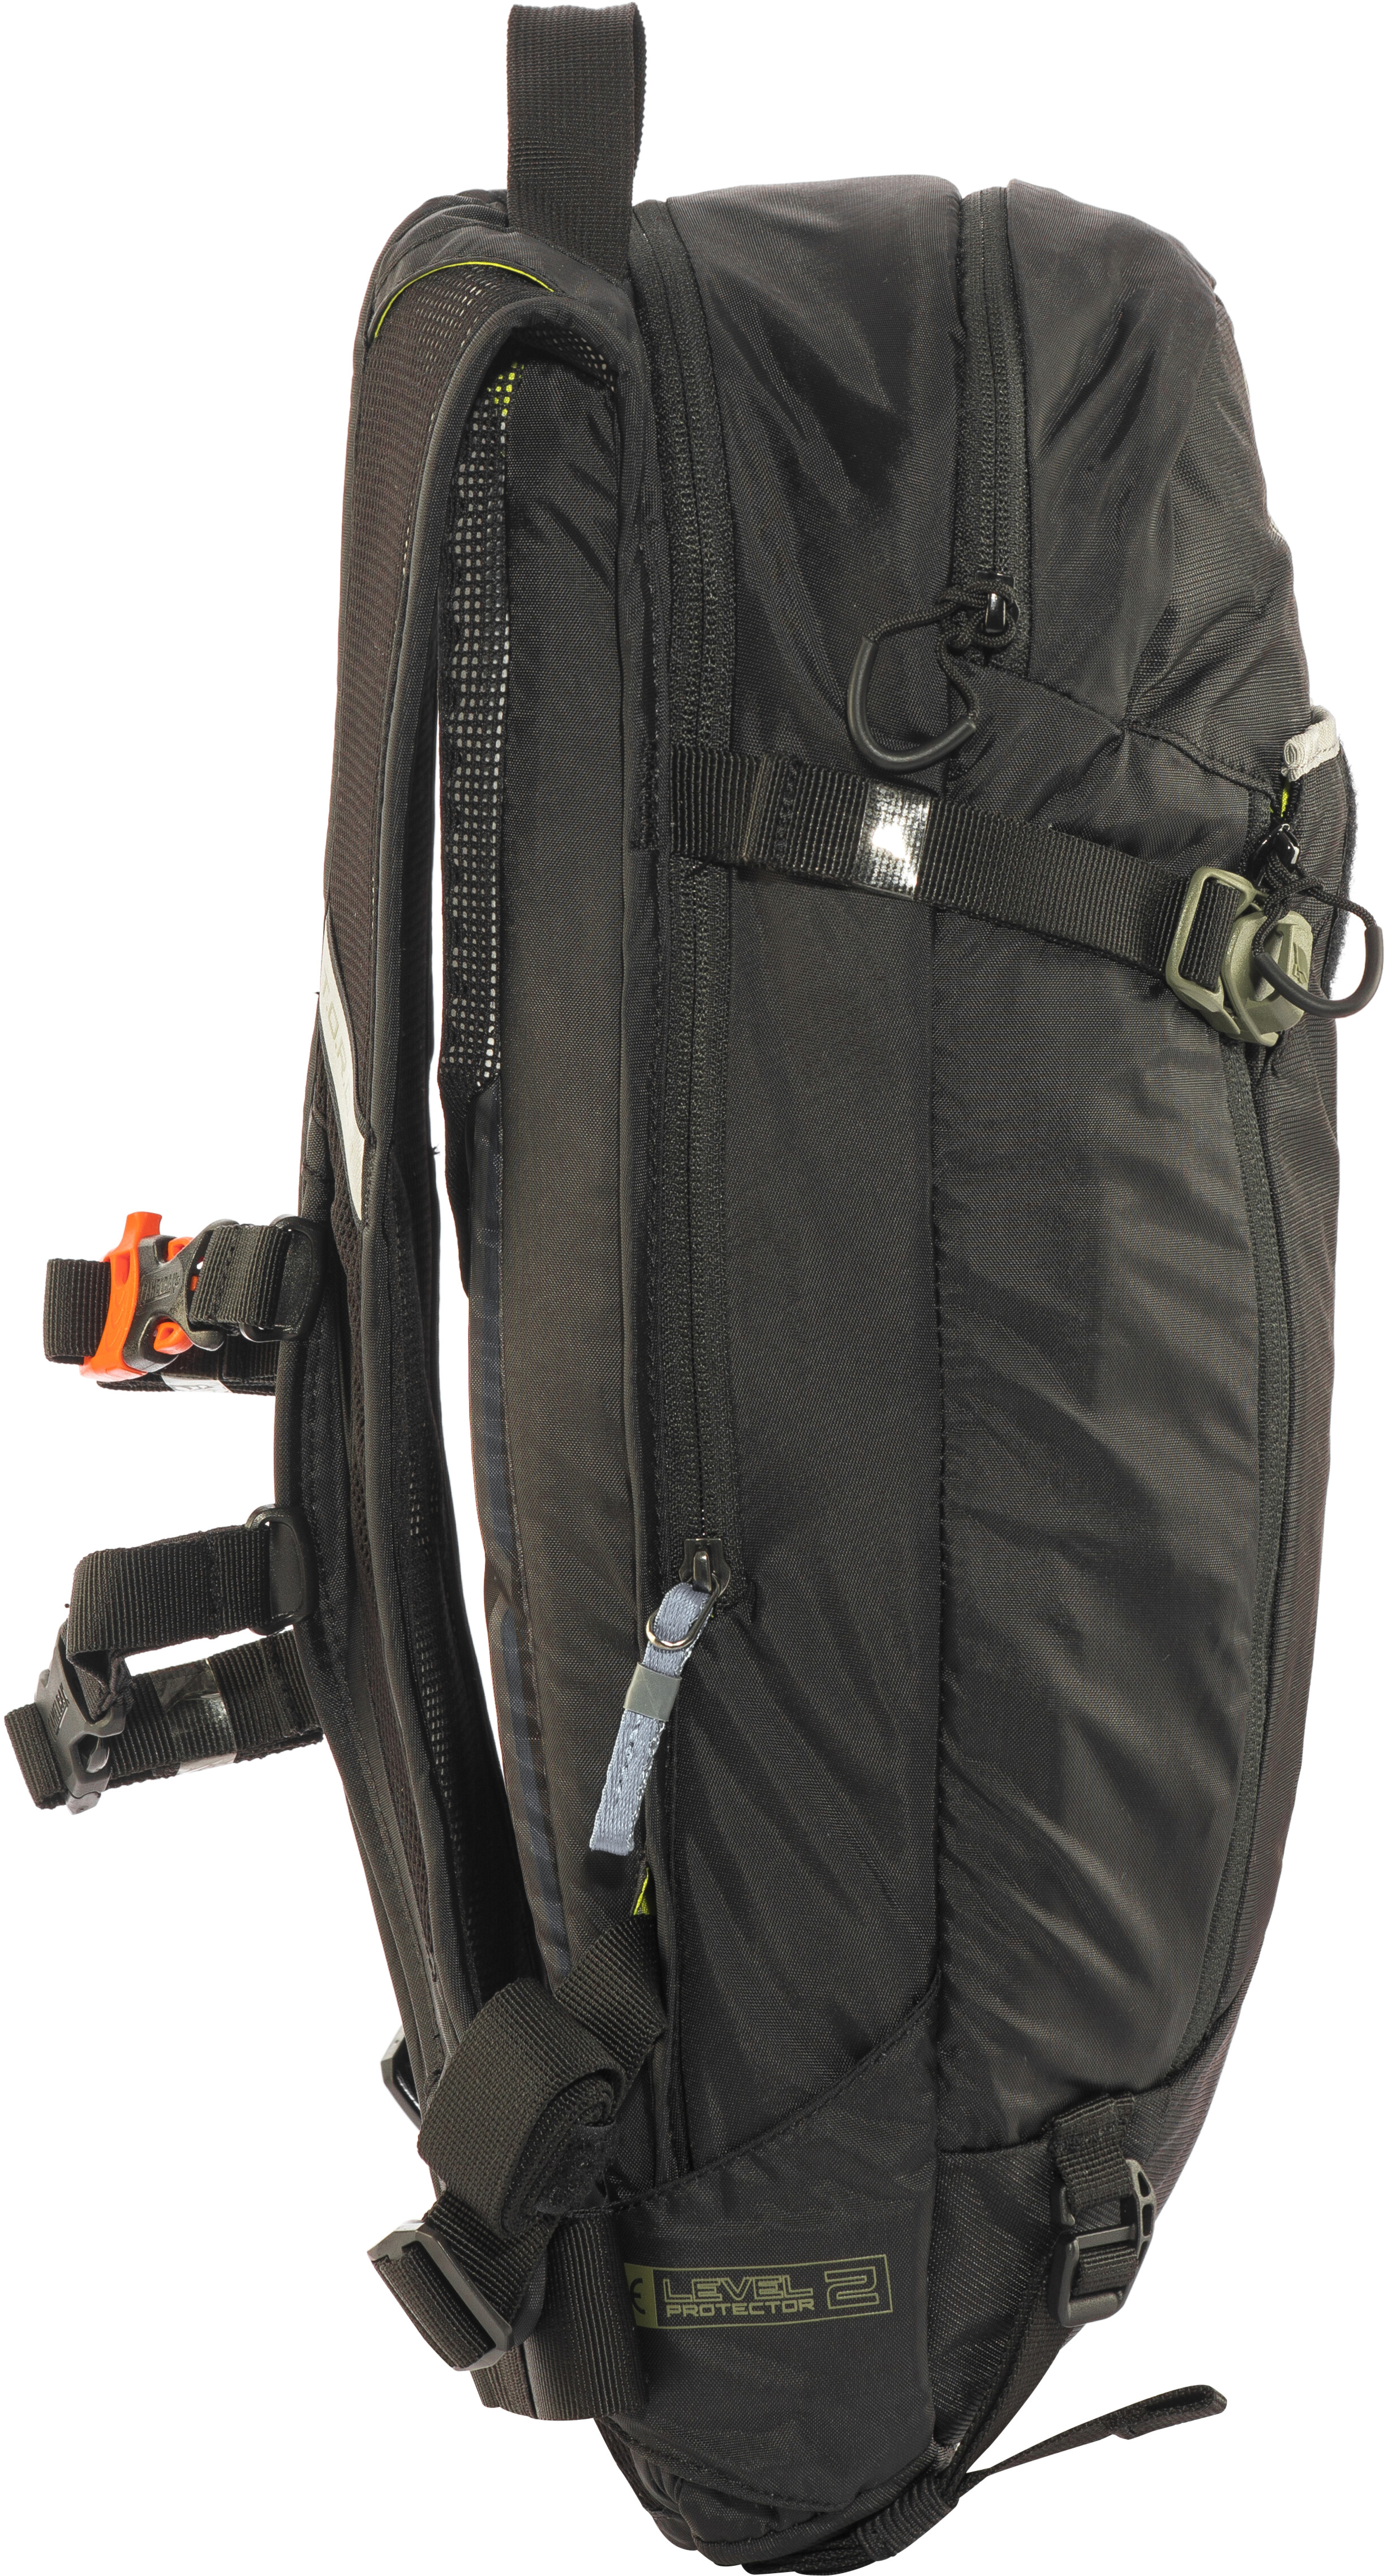 919375fba6 CamelBak T.O.R.O. Protector 8 - Sac à dos - noir - Boutique de vélos ...